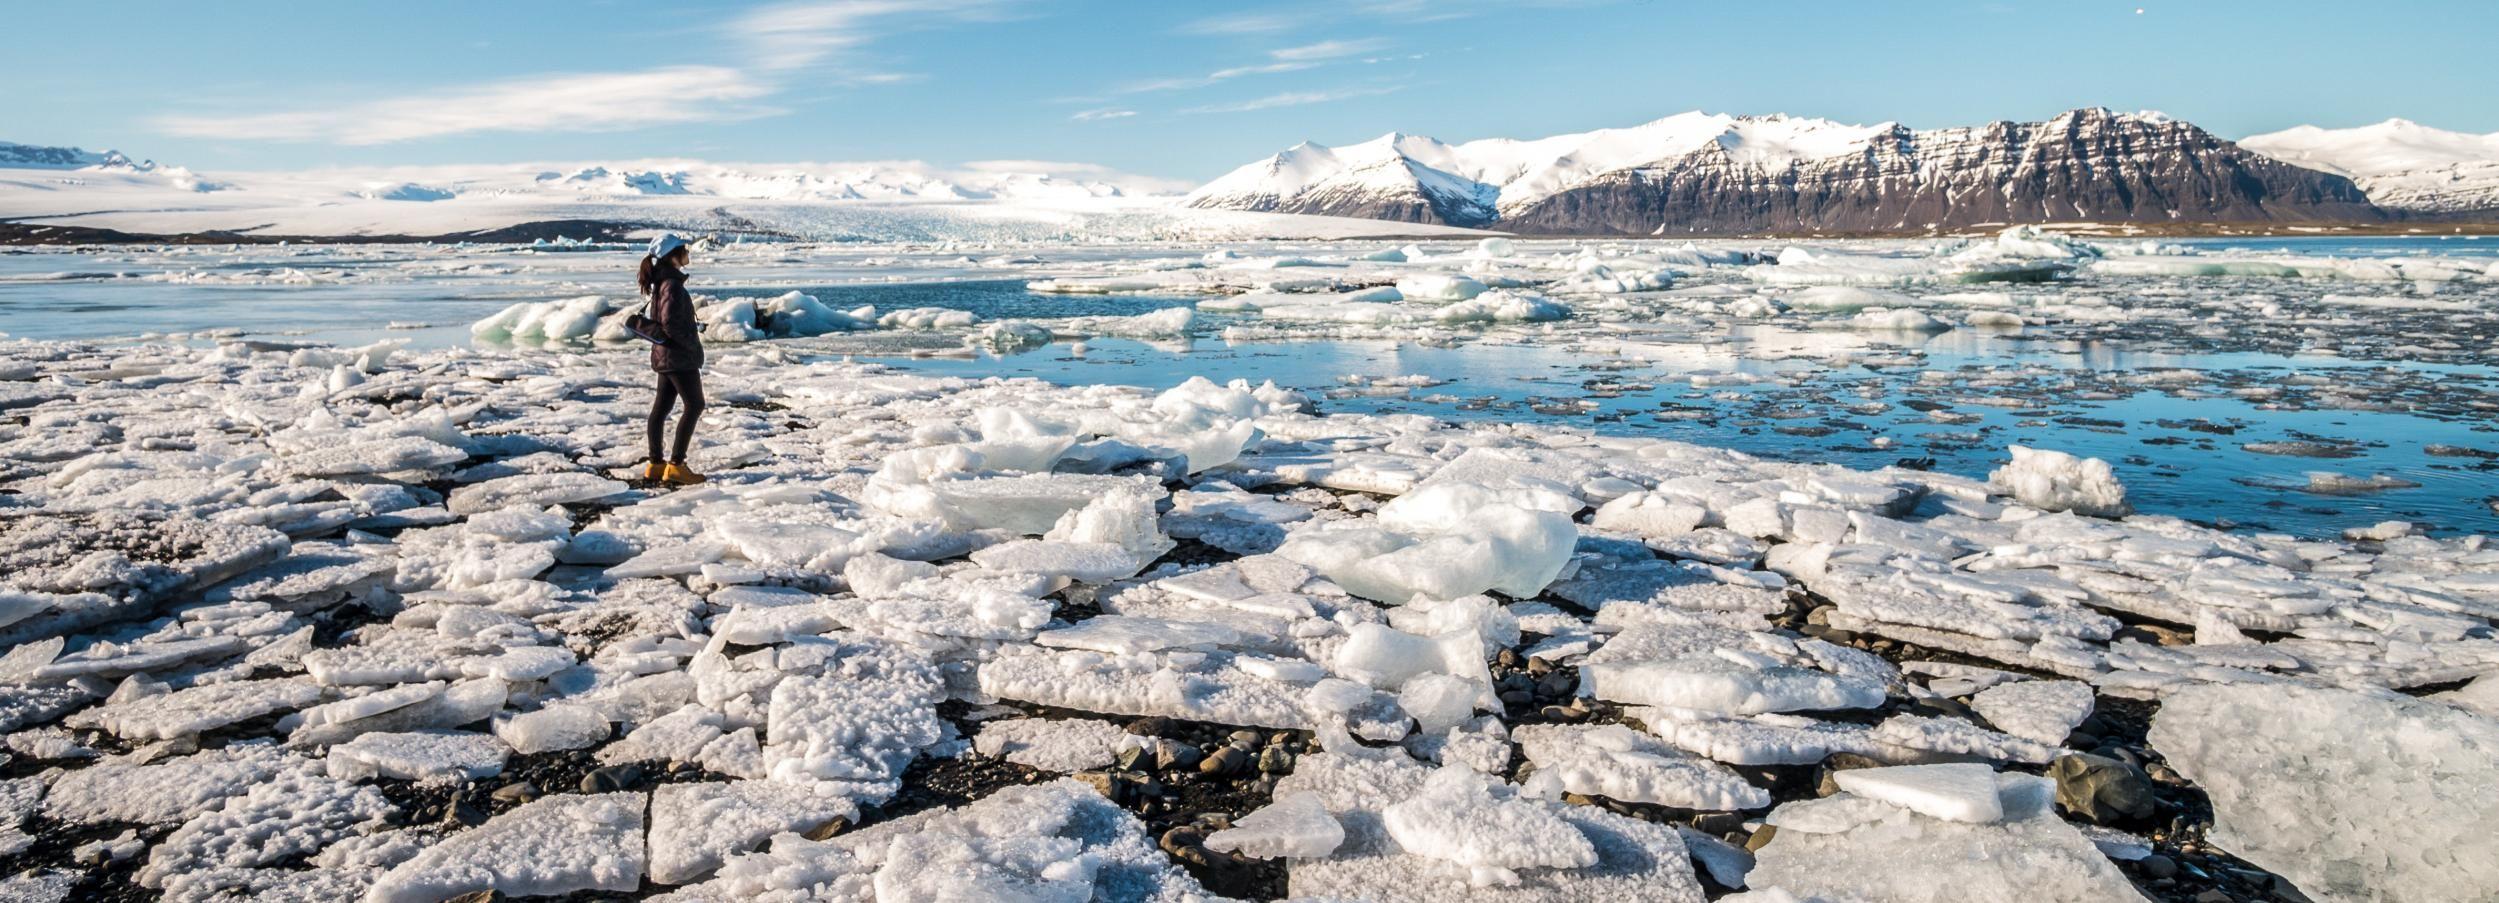 Lago glaciar Jökulsárlón: tour de 1 día desde Reikiavik